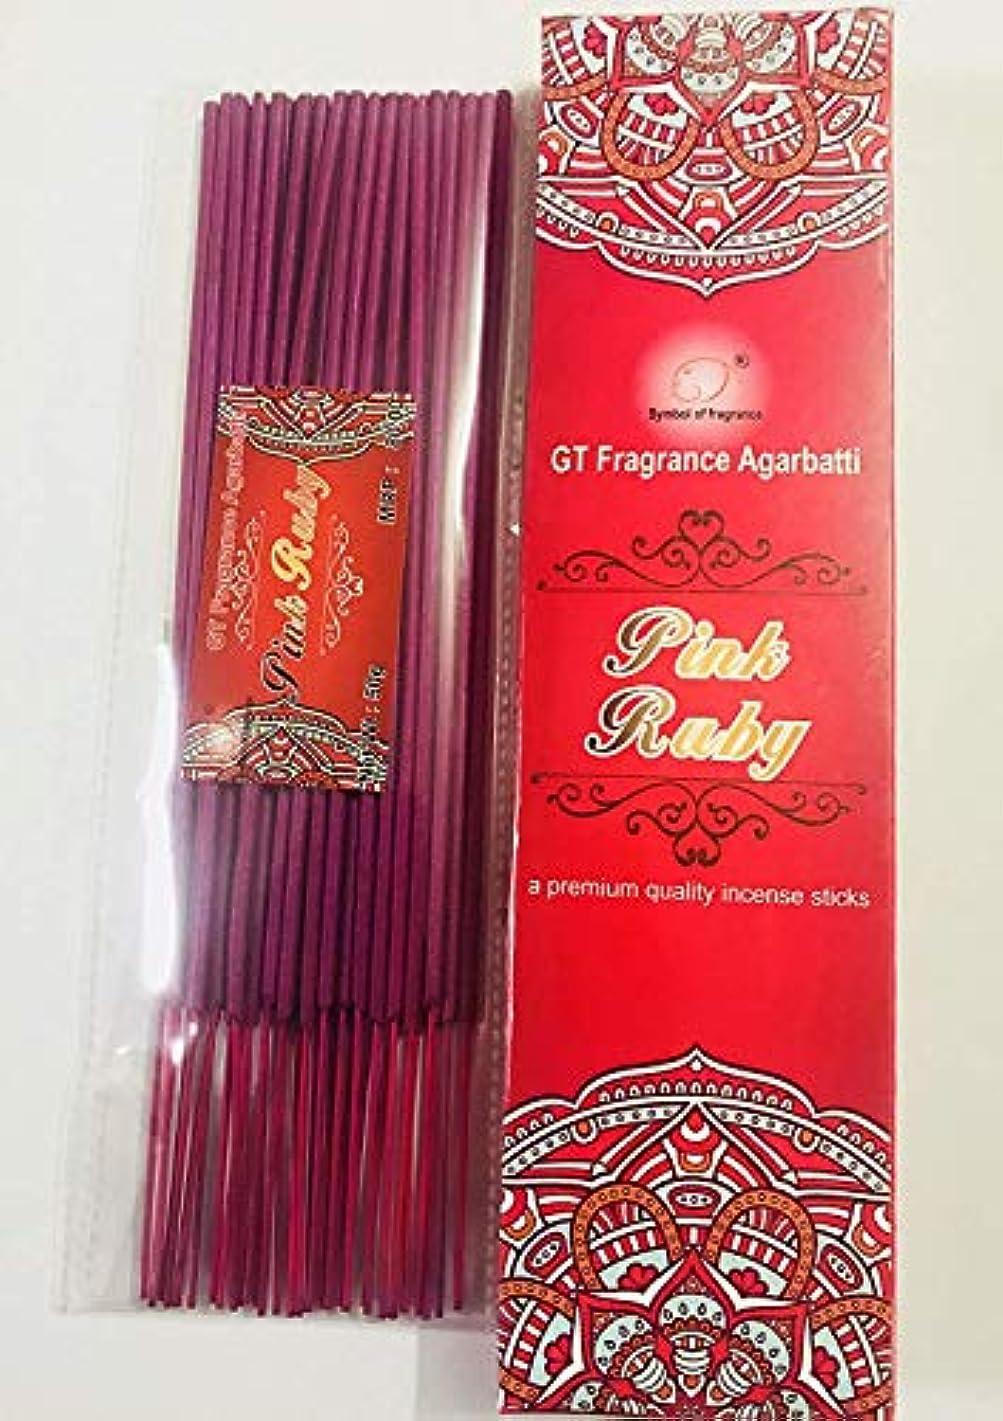 地下室下にコンサートPink Ruby. Bundle of 2 Packs, a Premium Quality Incense sticks-100g